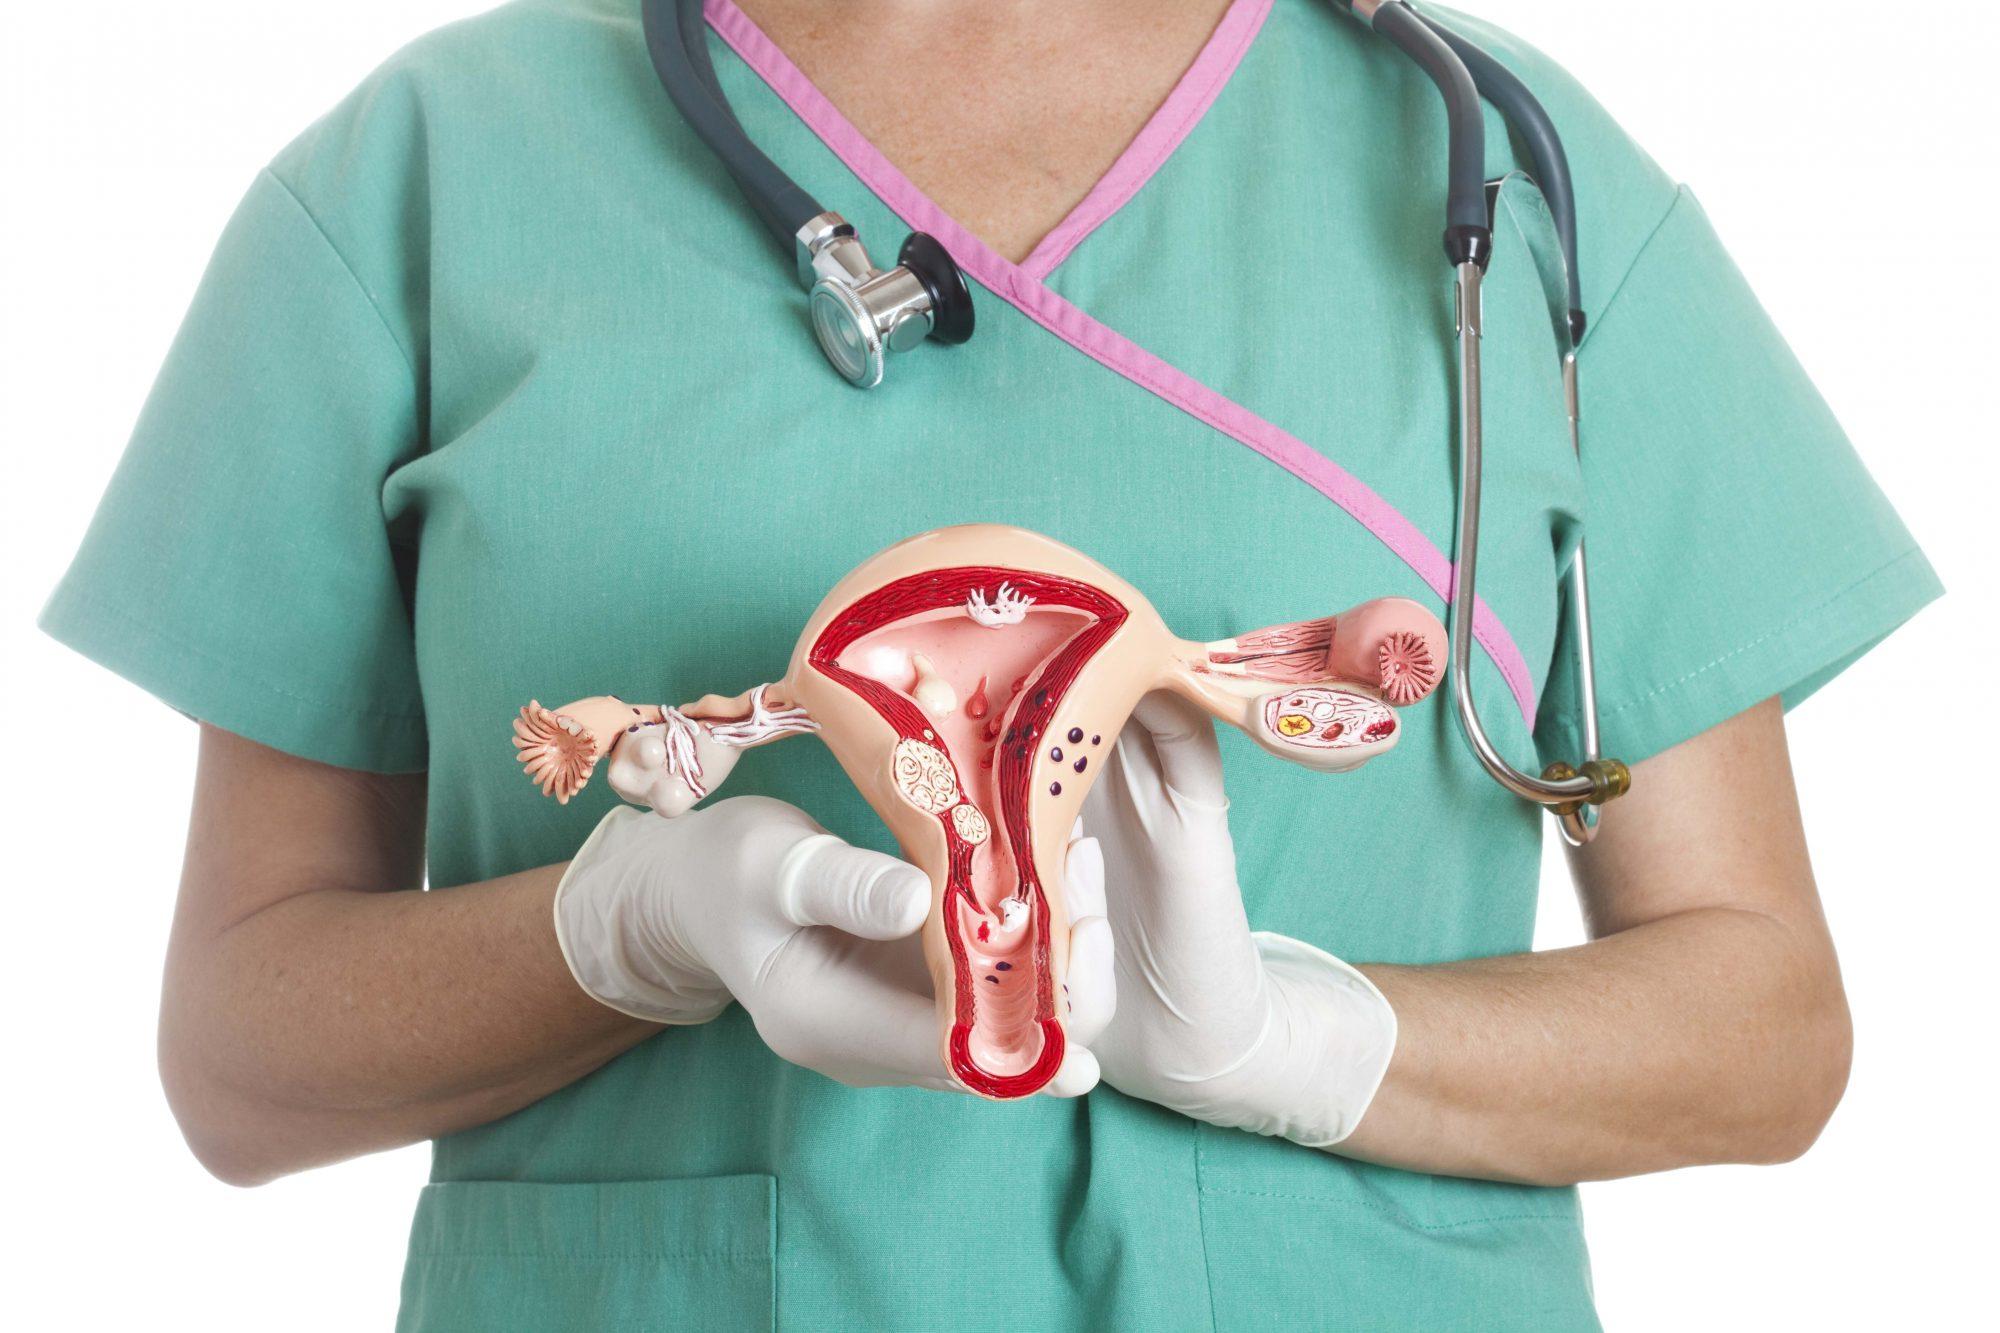 Pólipo endometrial: quando a cirurgia é indicada?